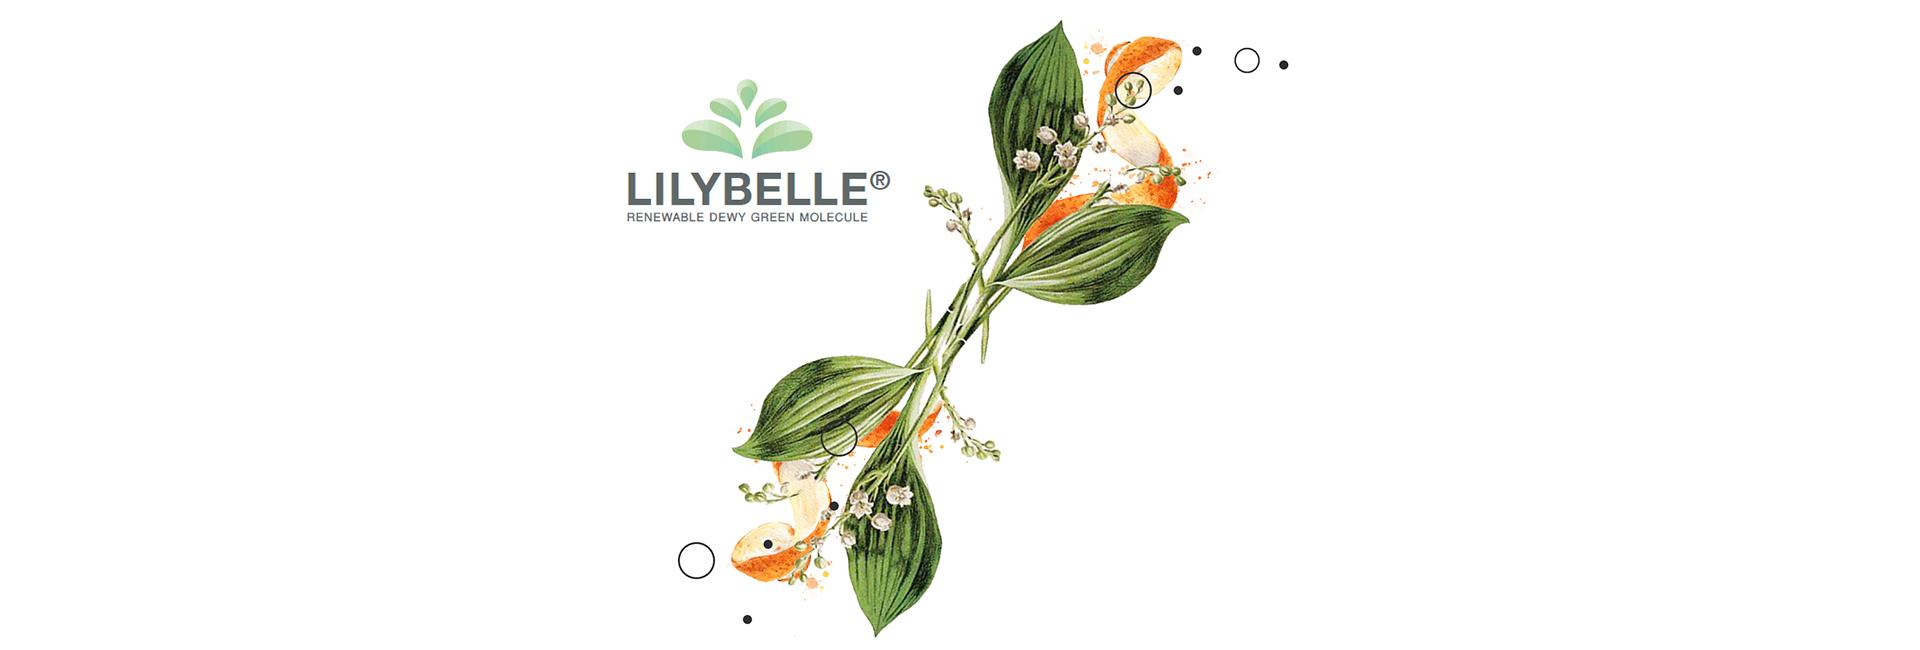 Lilybelle®, le nouveau muguet de Symrise